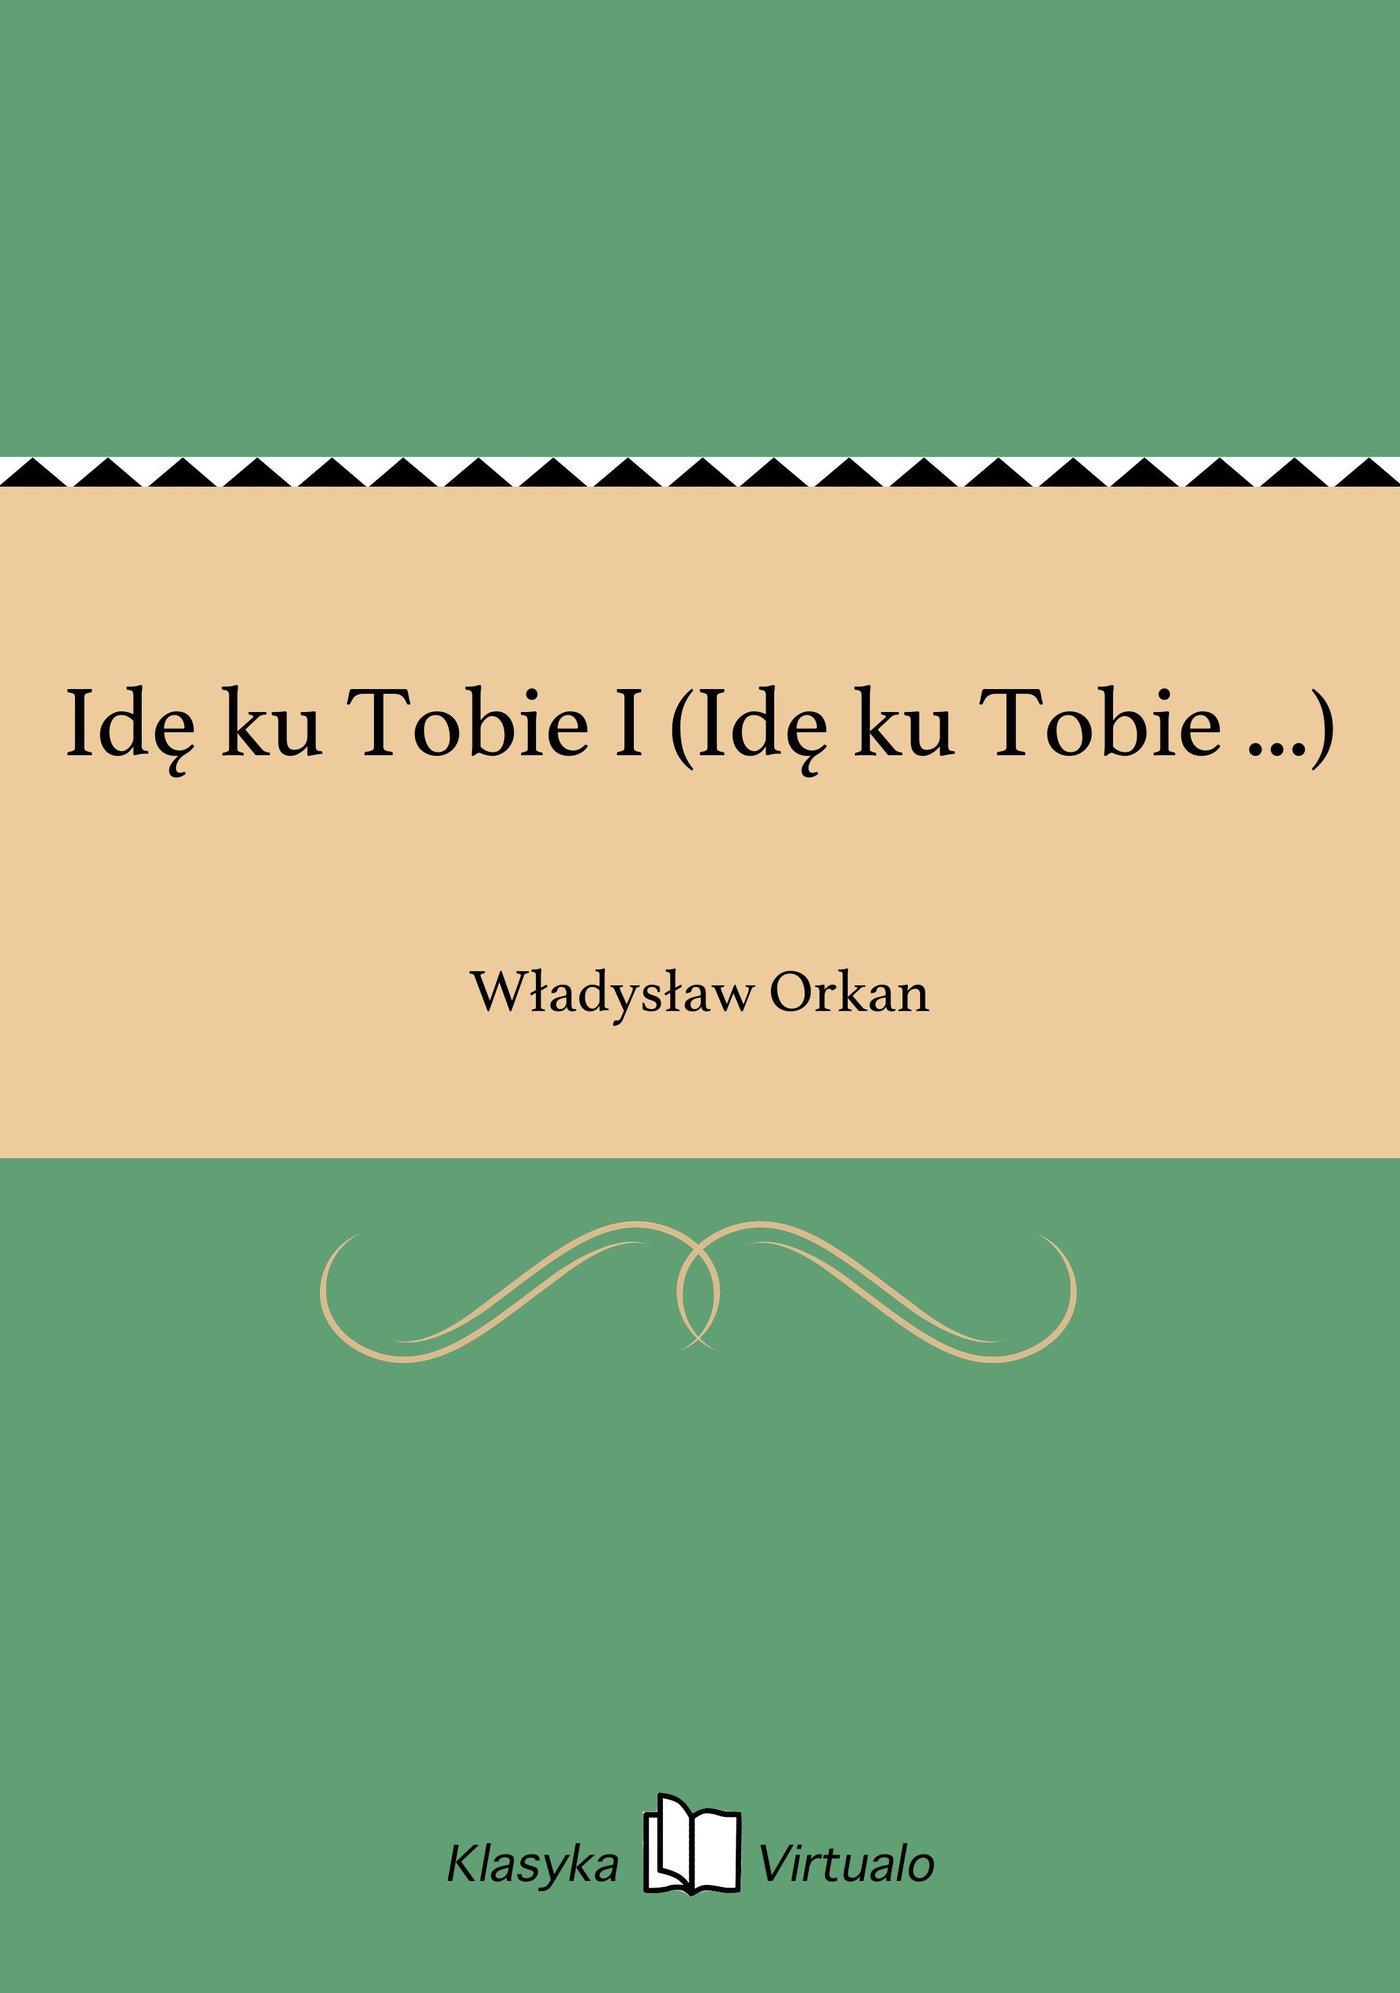 Idę ku Tobie I (Idę ku Tobie ...) - Ebook (Książka na Kindle) do pobrania w formacie MOBI